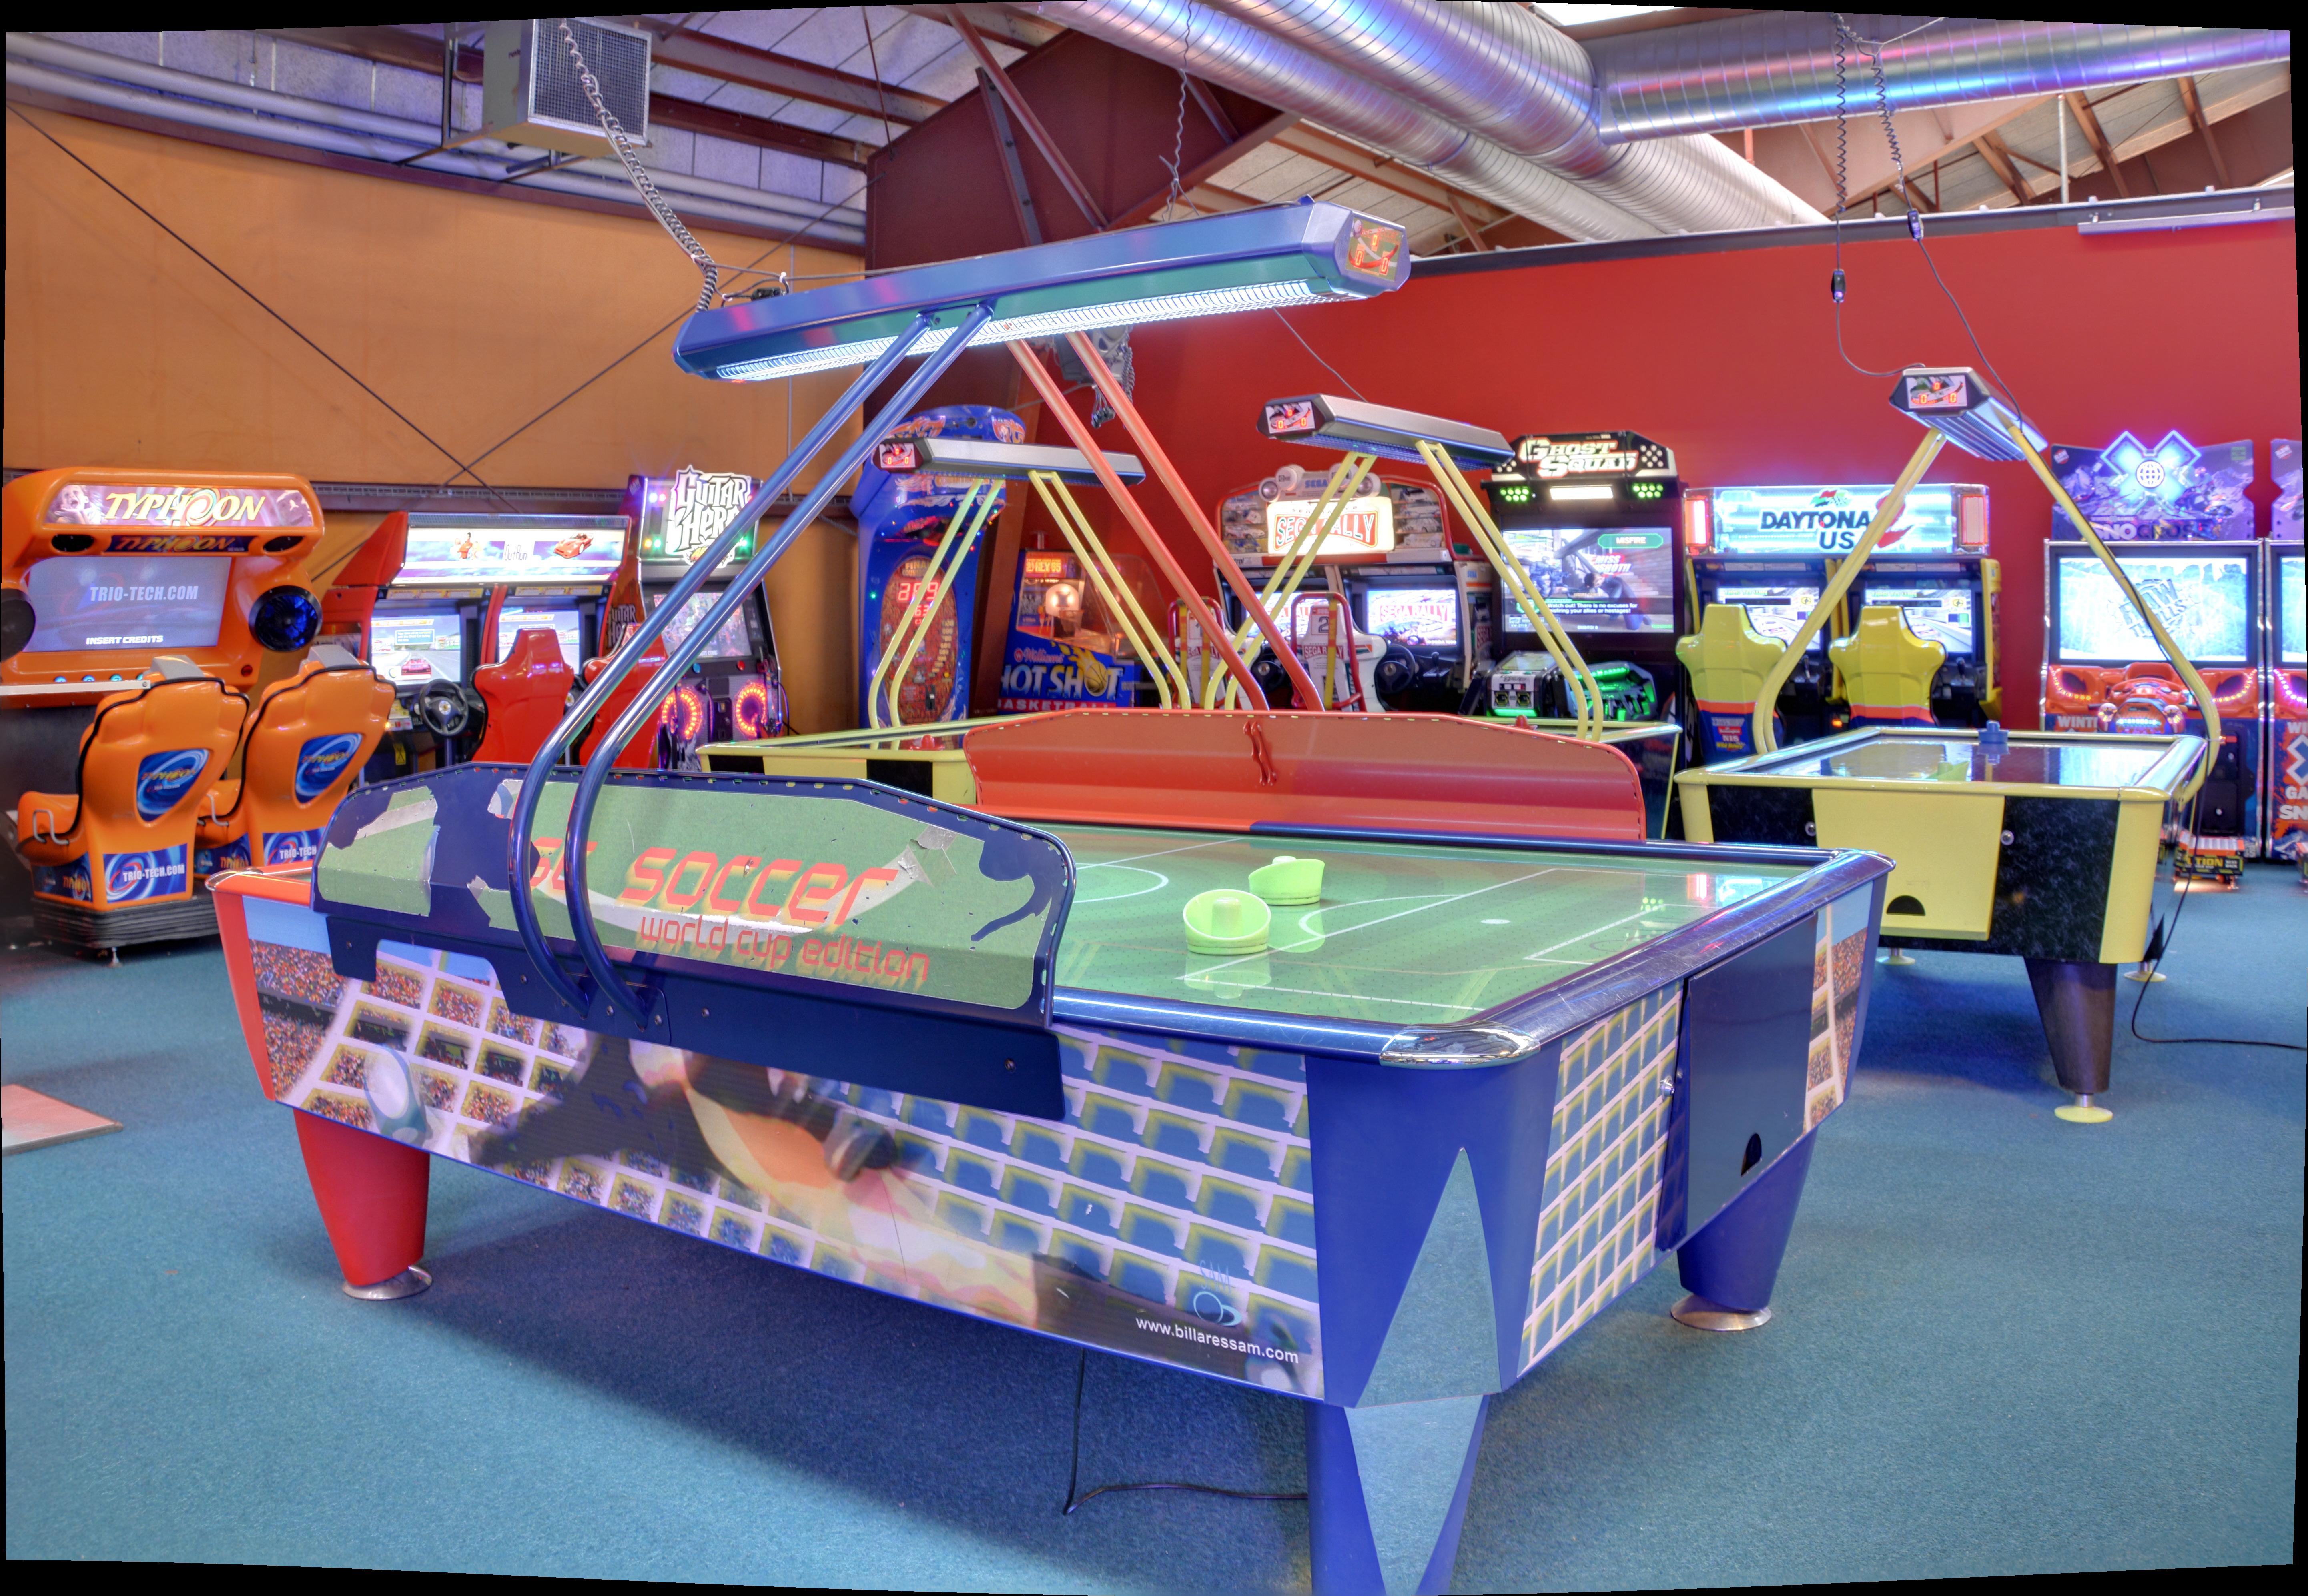 Jeux Electroniques Flipper Baby Foot Xl Bowling Le